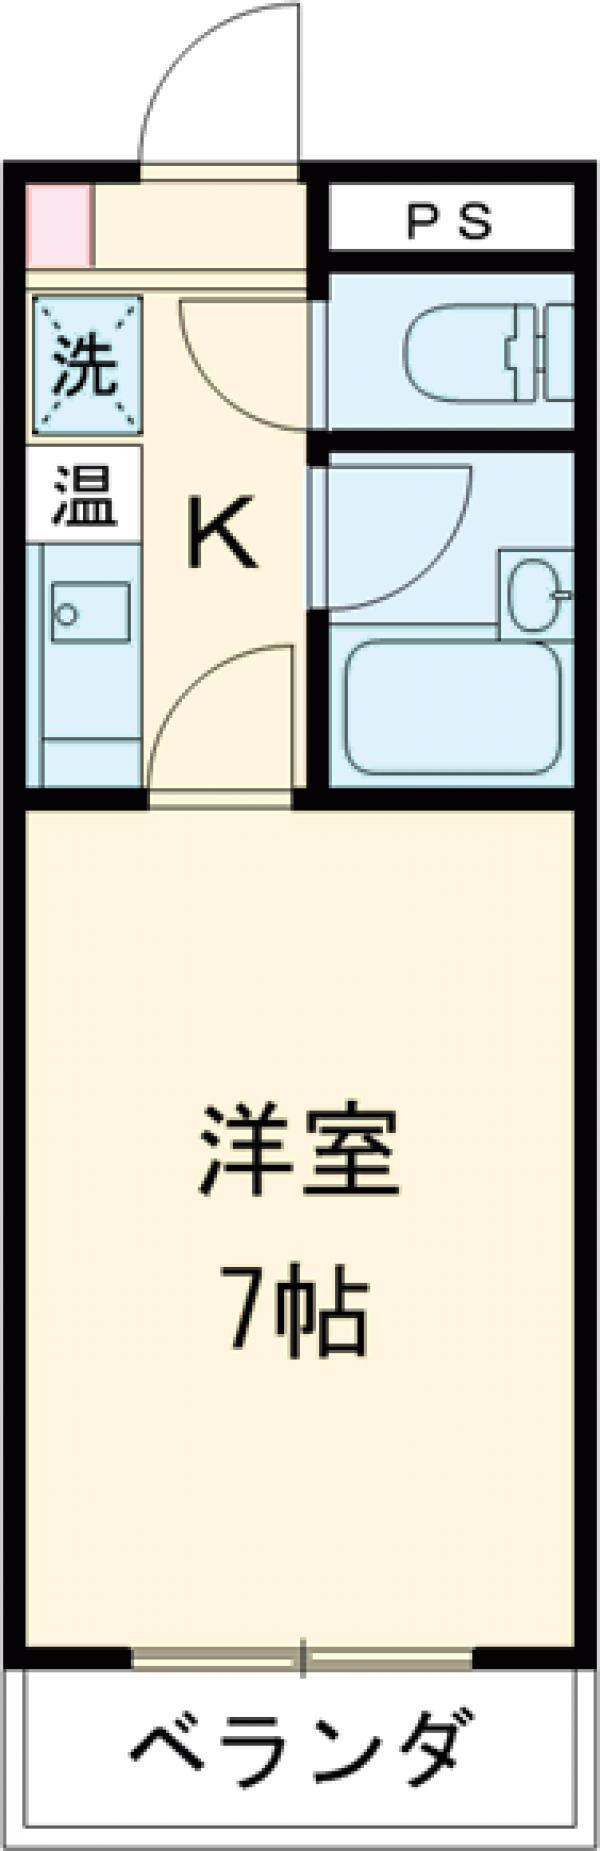 大塚堰場ハイツ・326号室の間取り